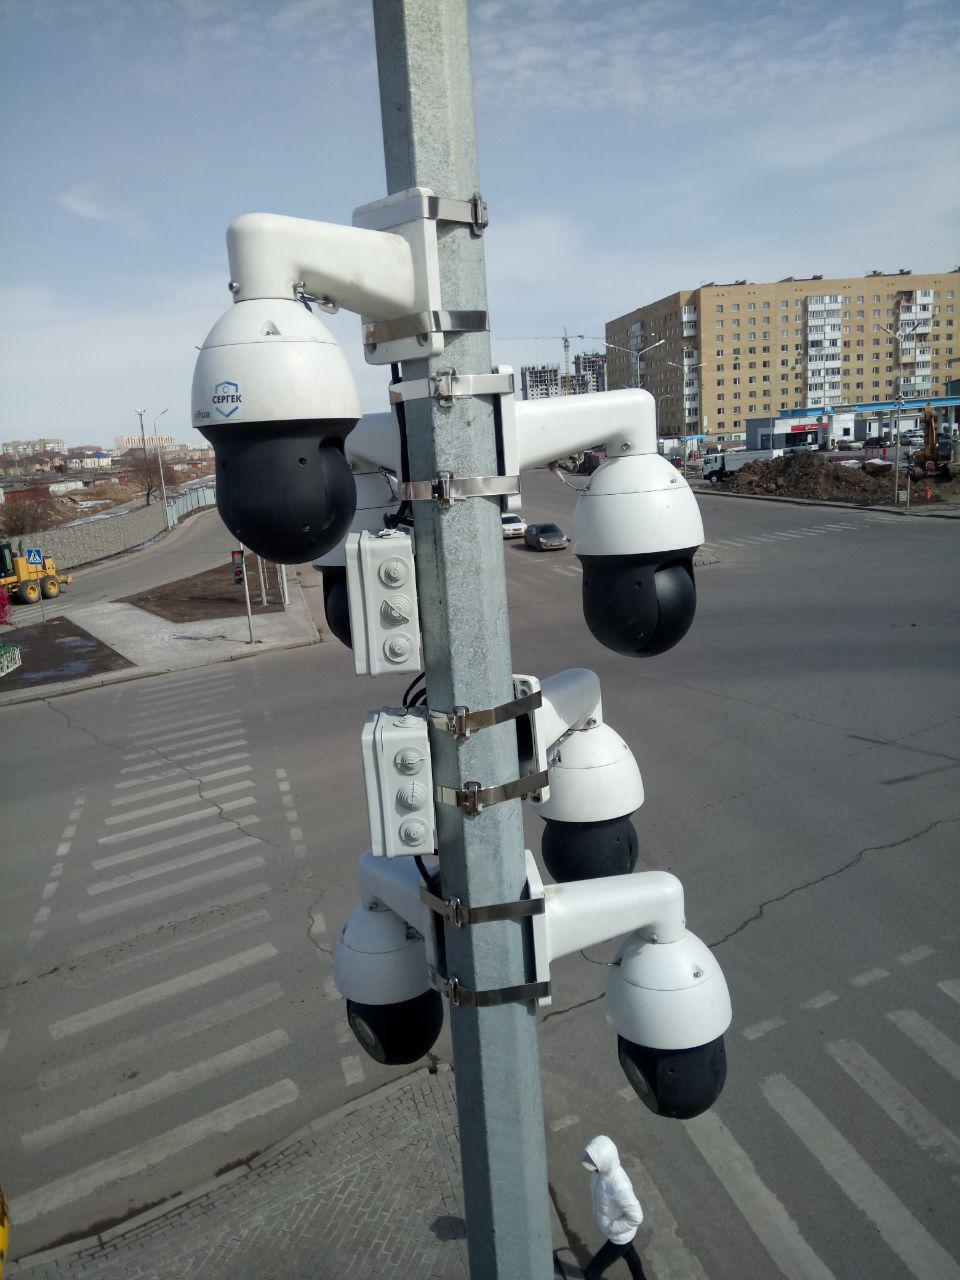 Камеры, установленные на перекрестке